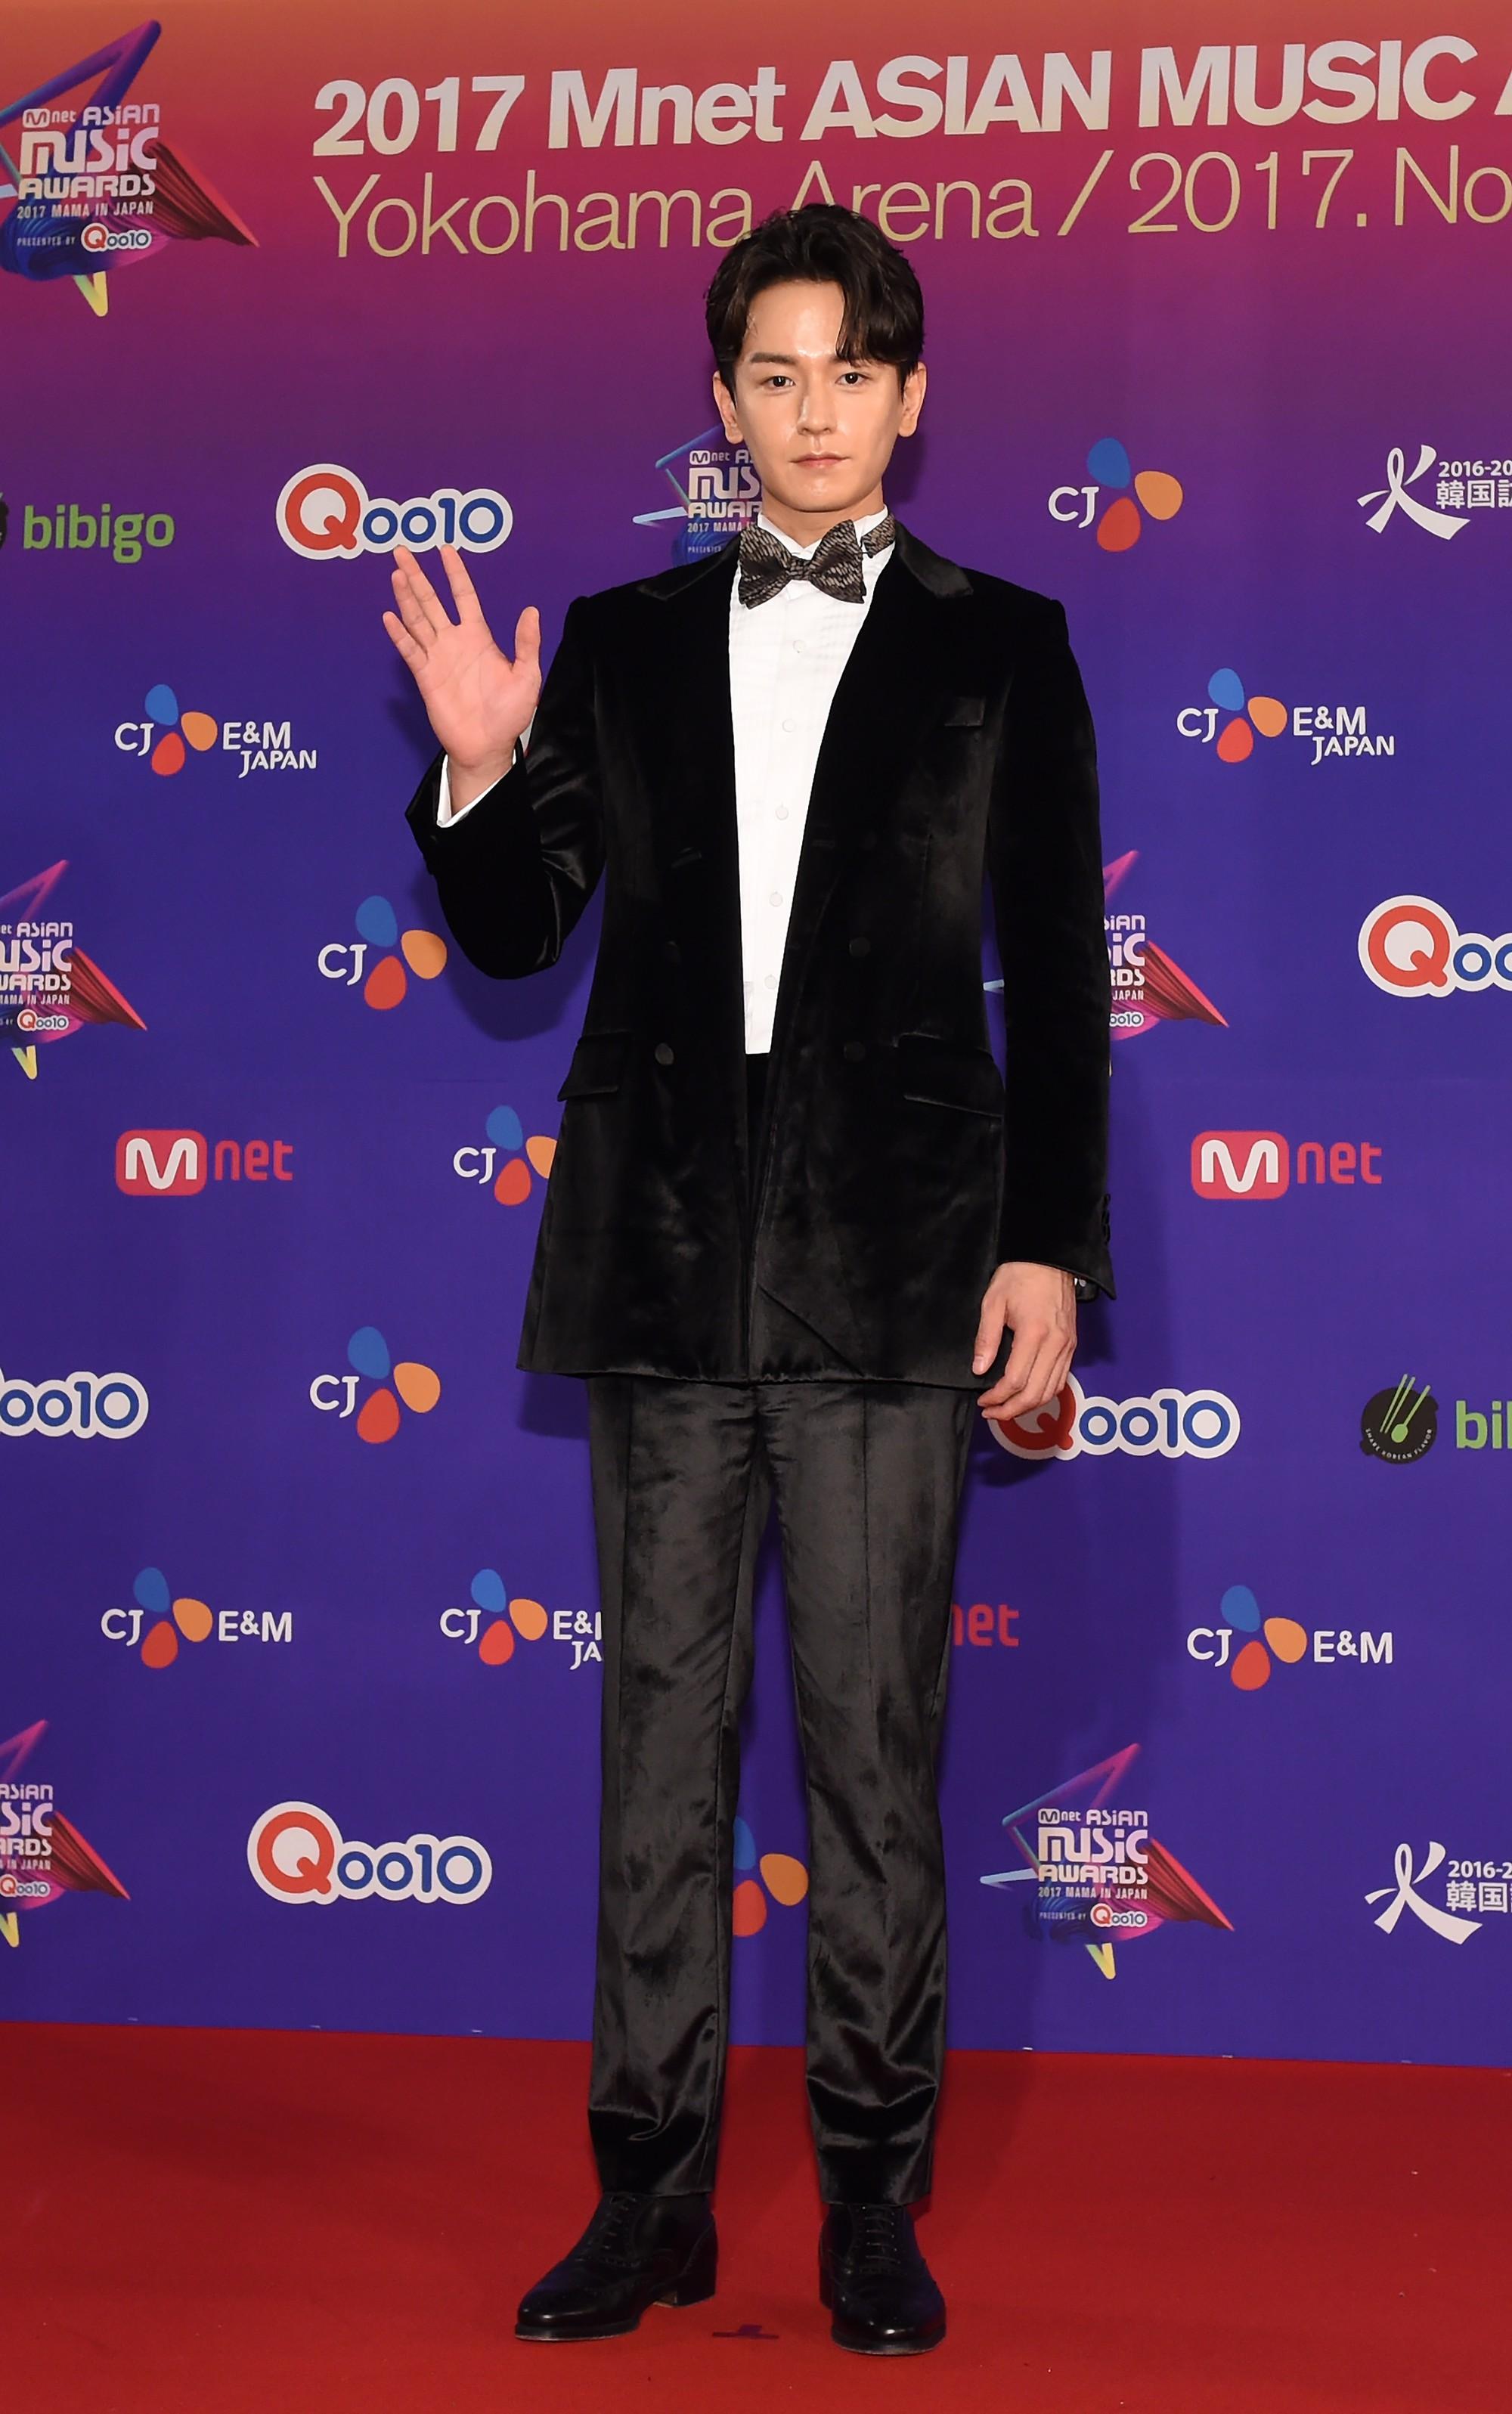 Thảm đỏ MAMA Nhật: Park Bo Gum và dàn mỹ nam Wanna One, EXO chiếm trọn sự chú ý, Kim So Hyun đọ sắc TWICE - Ảnh 24.